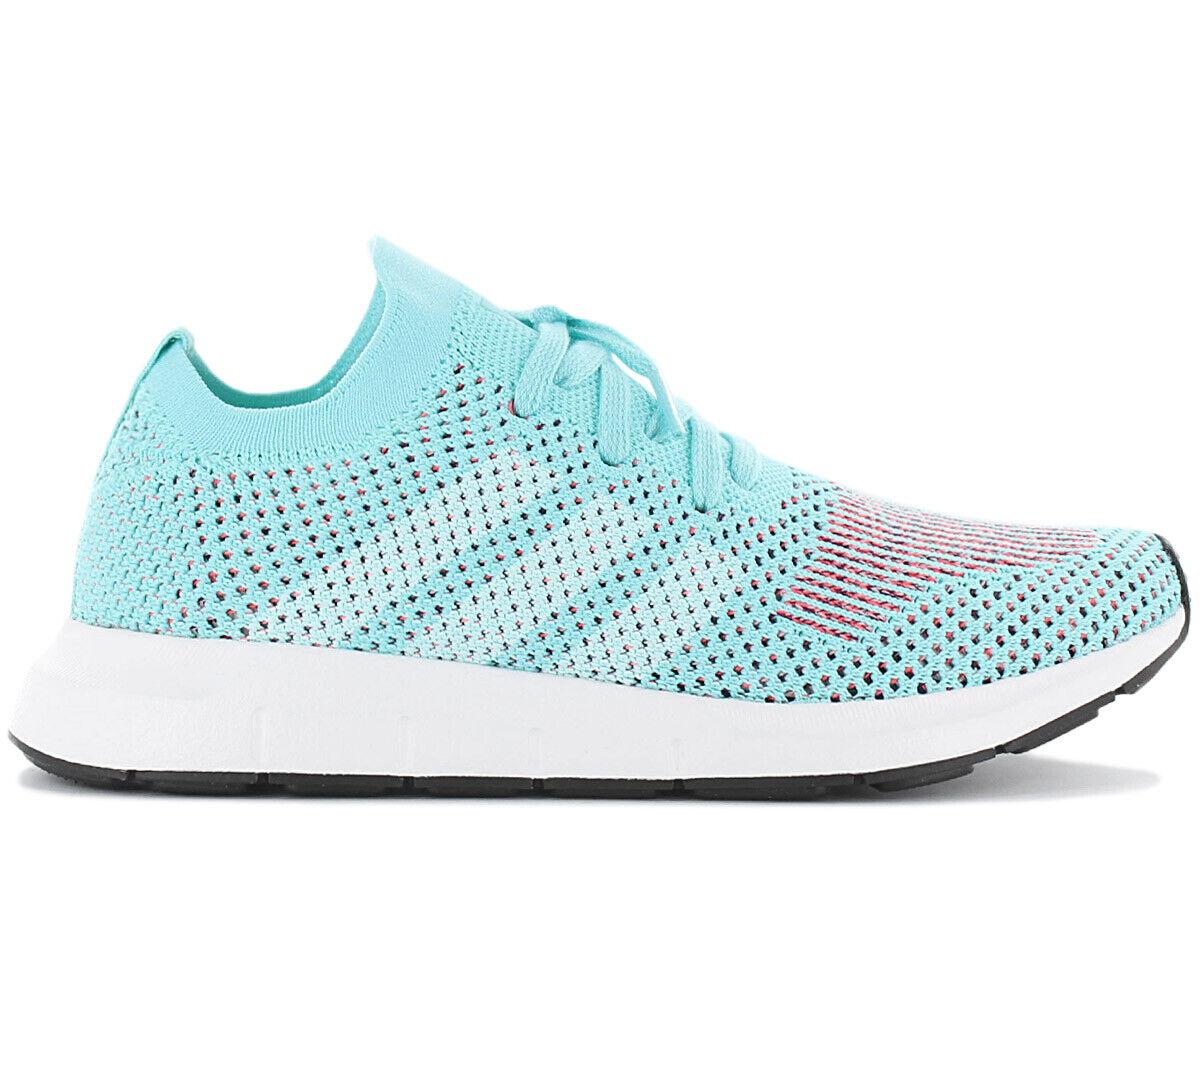 Adidas Originals Swift Run PK W Primeknit Damen Turnschuhe CQ2034 Türkis Schuhe NEU